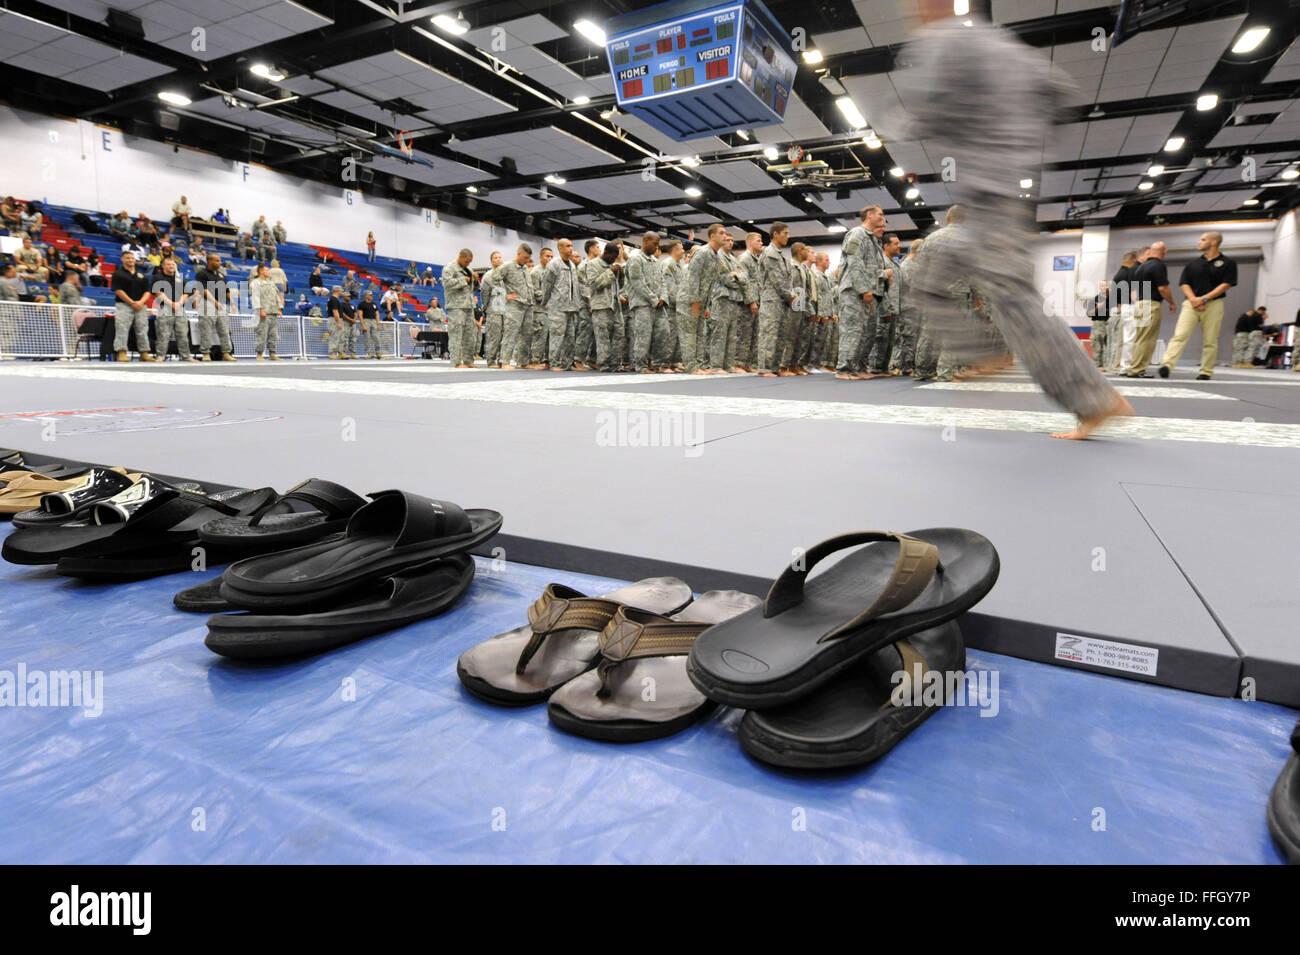 Un membre de service passe devant une ligne de sandales à rejoindre les autres concurrents en formation au Photo Stock